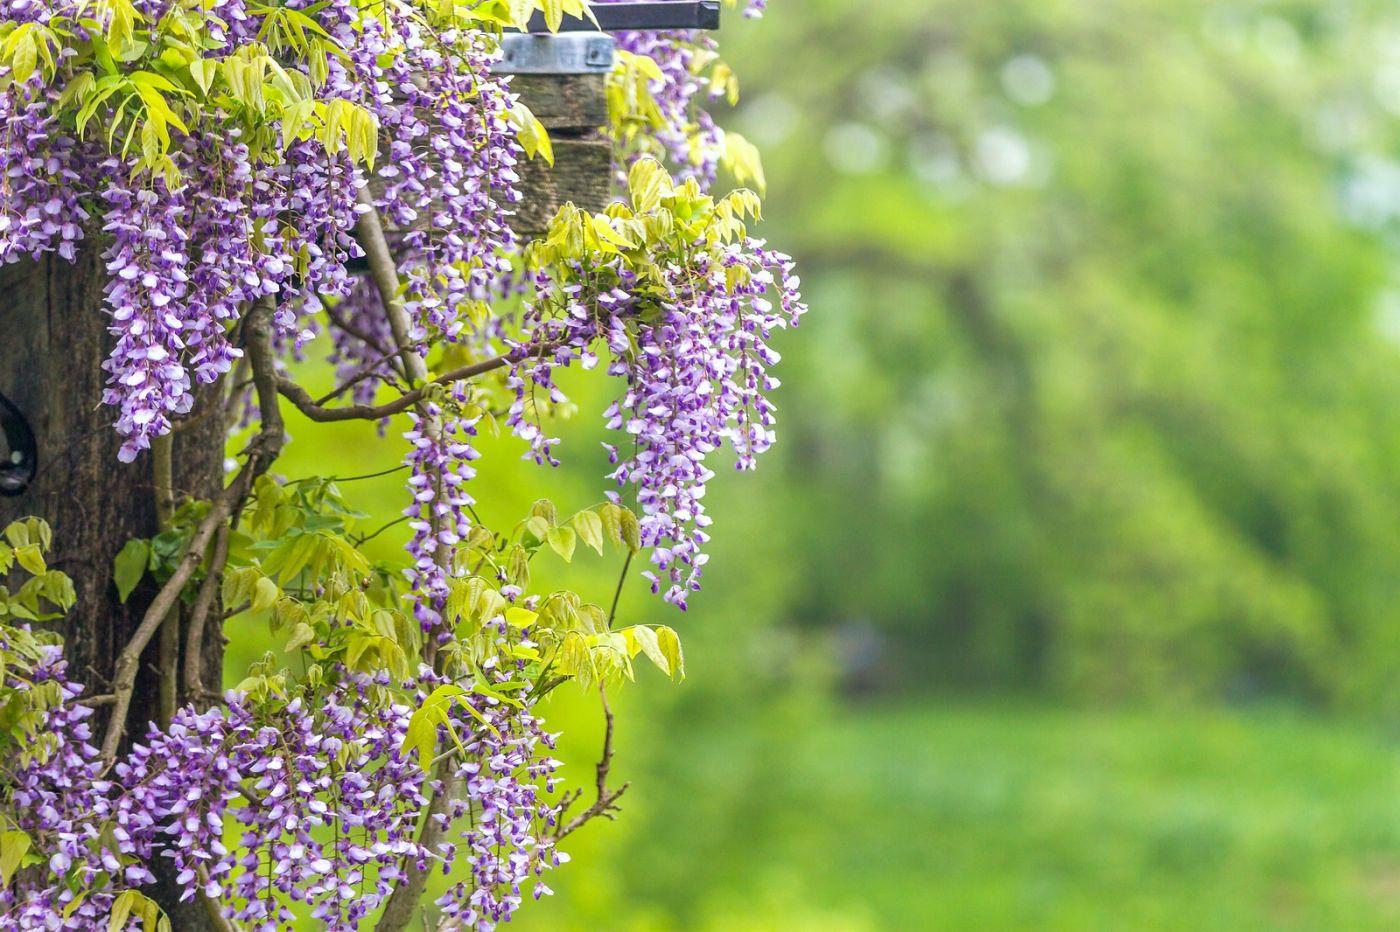 紫藤花相遇在春天_图1-23